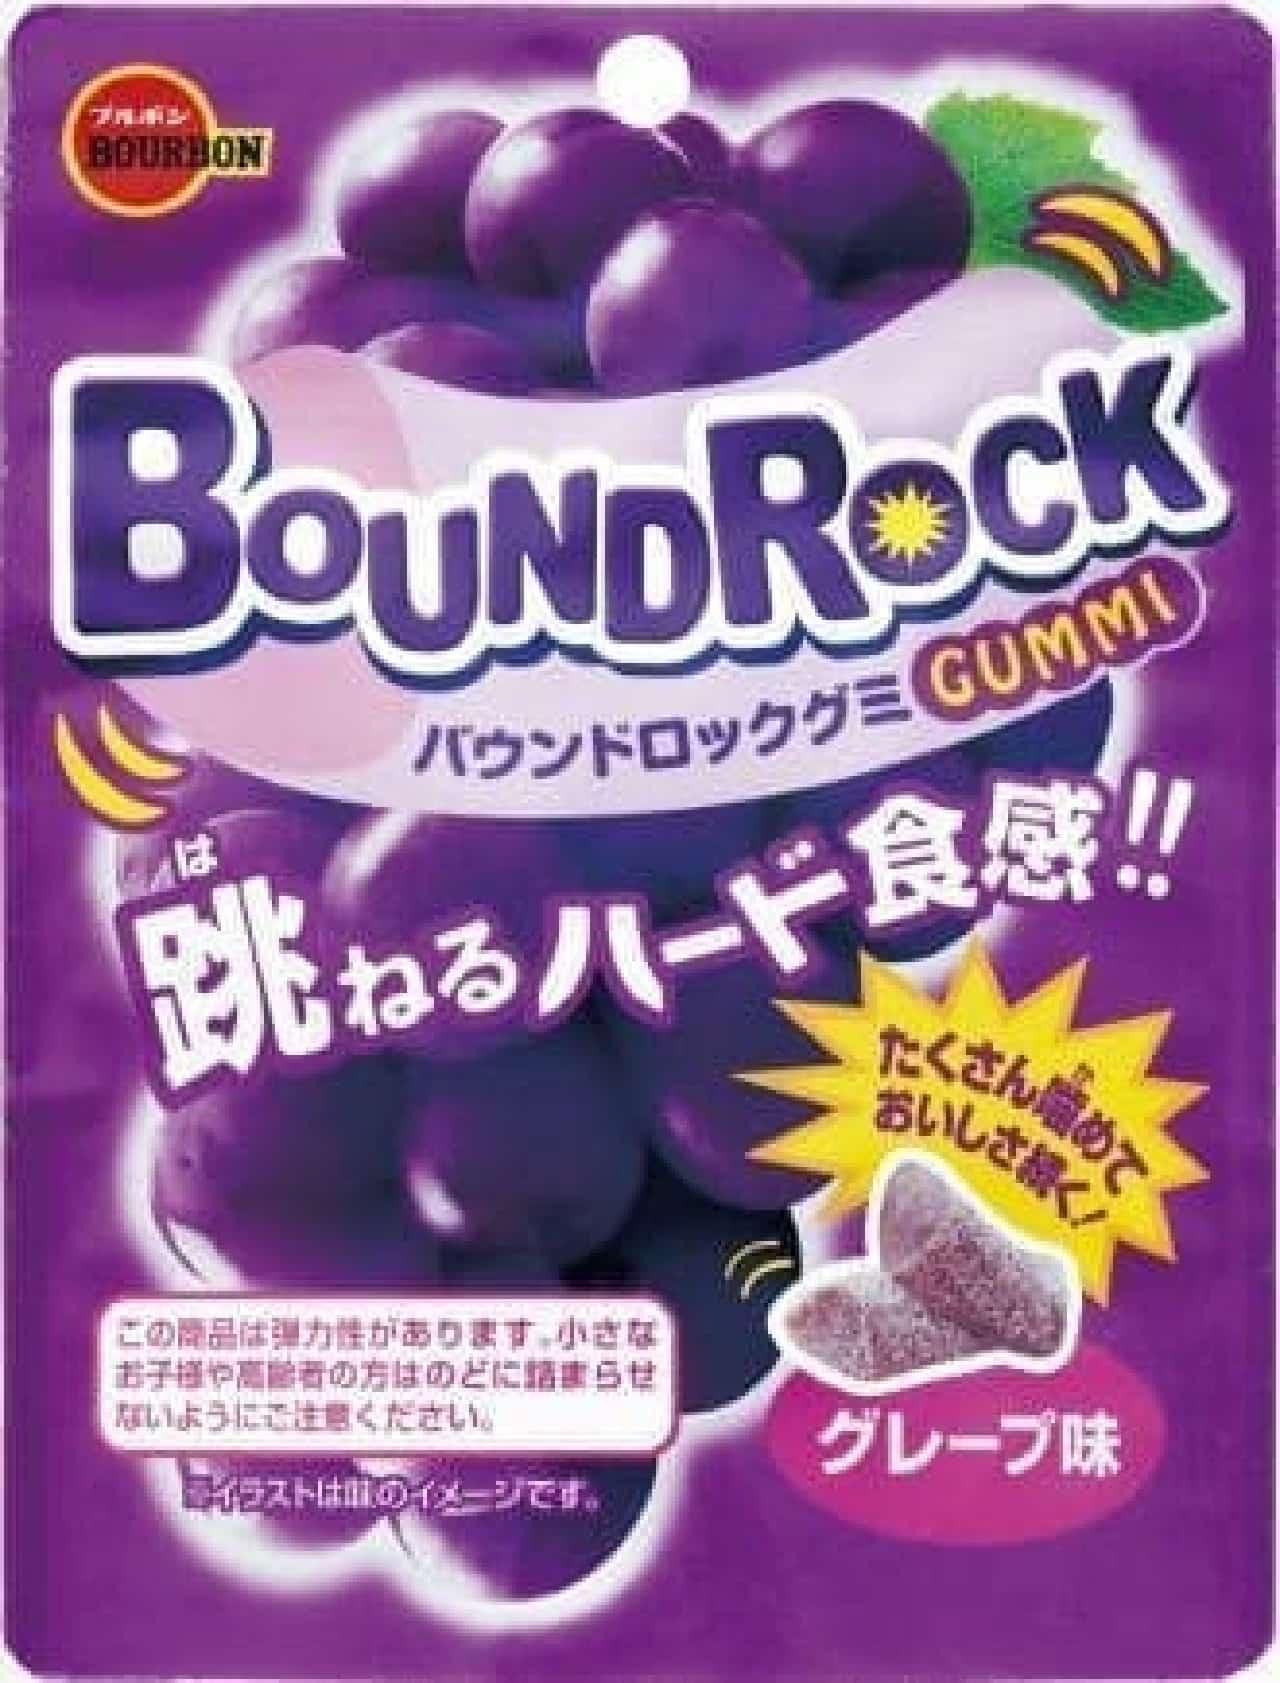 ハード食感の「バウンドロックグミ(グレープ味)」新発売